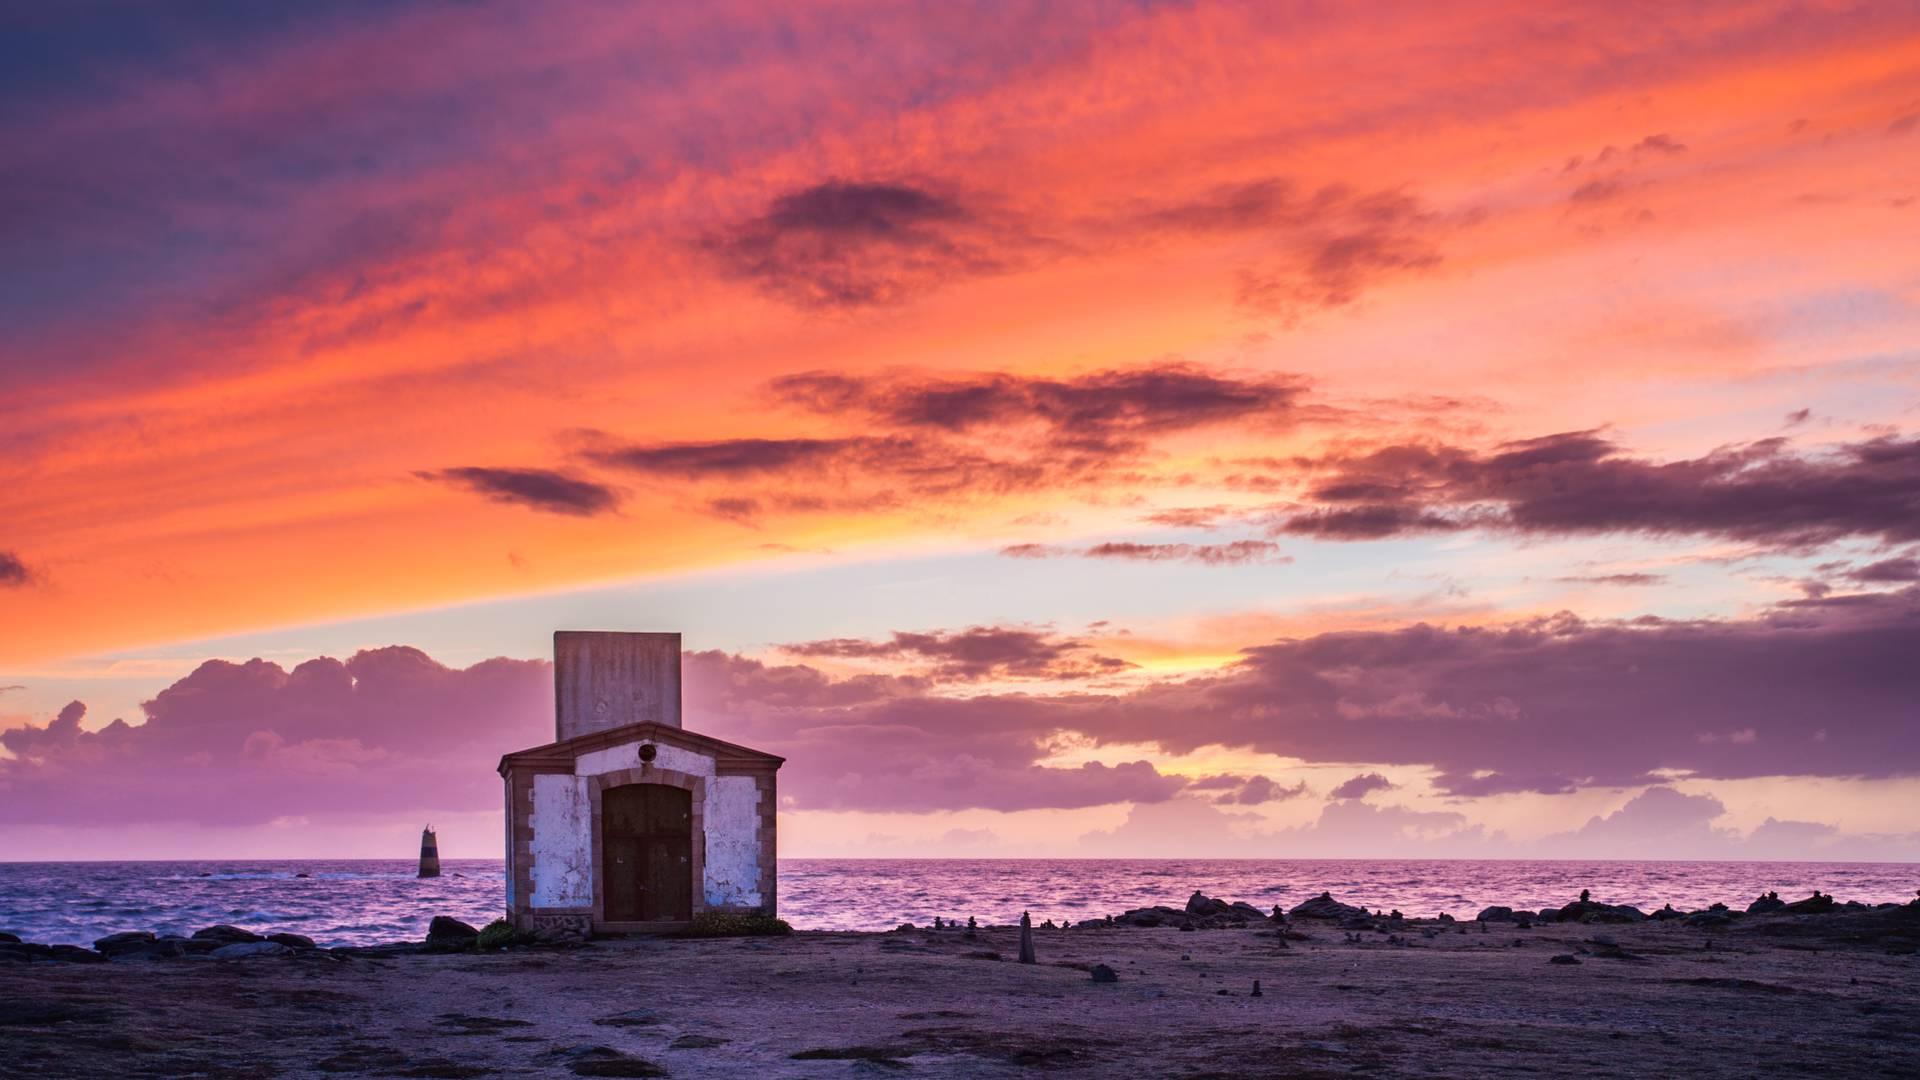 Pointe du But île d'Yeu - Office de Tourisme de l'île d'Yeu - Vendée © R. Laurent - OT Ile d'Yeu